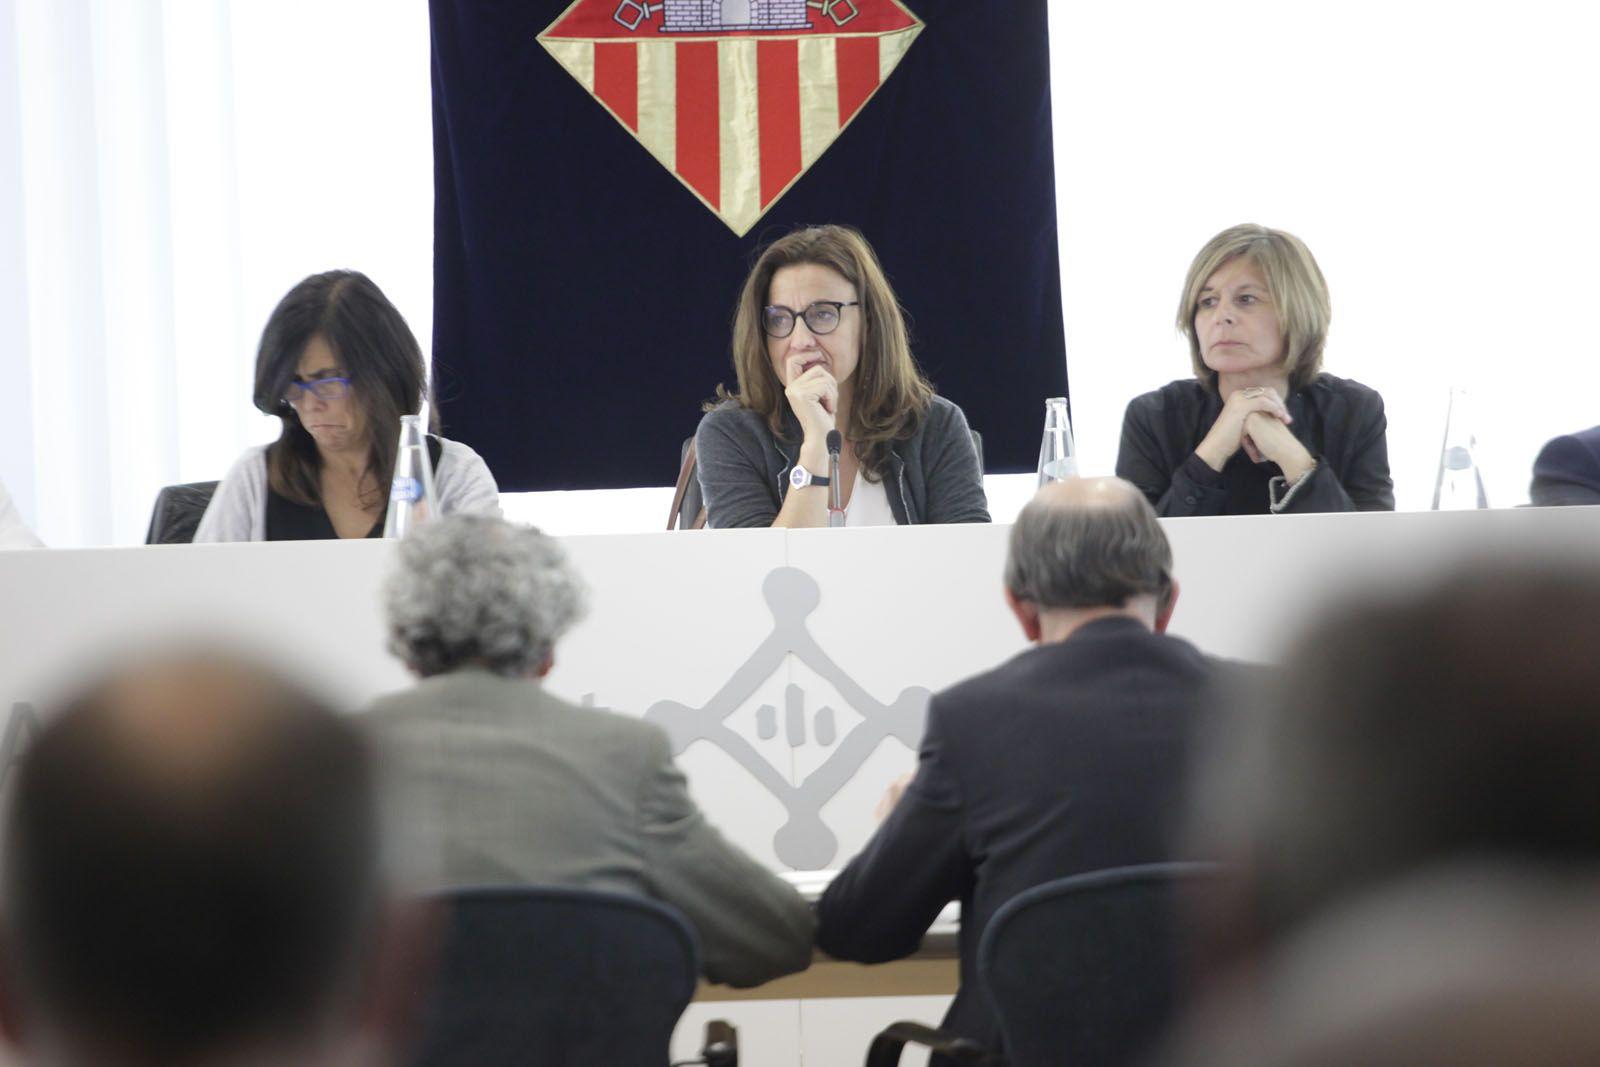 L'alcaldessa de Sant Cugat, envoltada per les tinents d'alcalde Cristina Paraira i Carmela Fortuny. FOTO: Artur Ribera